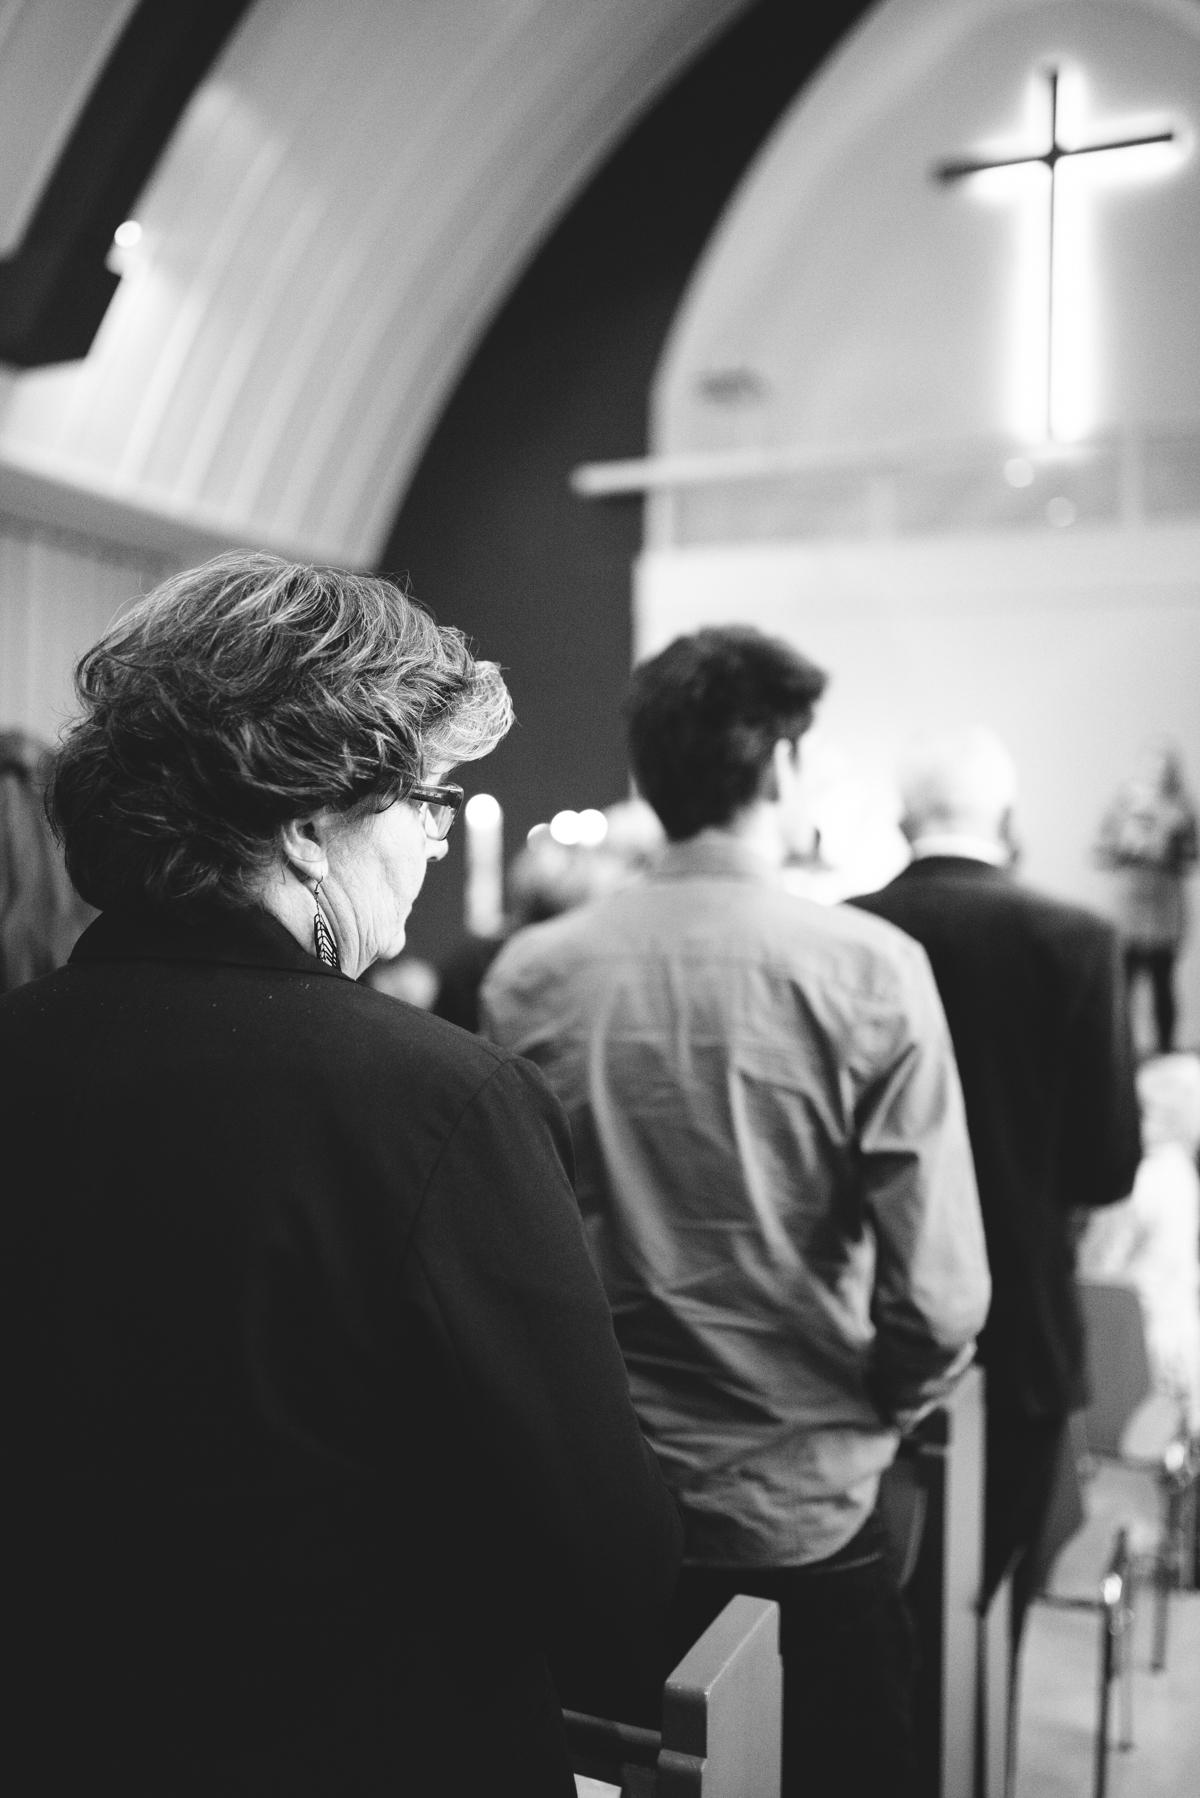 Fotografie van doop, belijdenis en trouwdienst van Janine en Arjen (49 van 55)